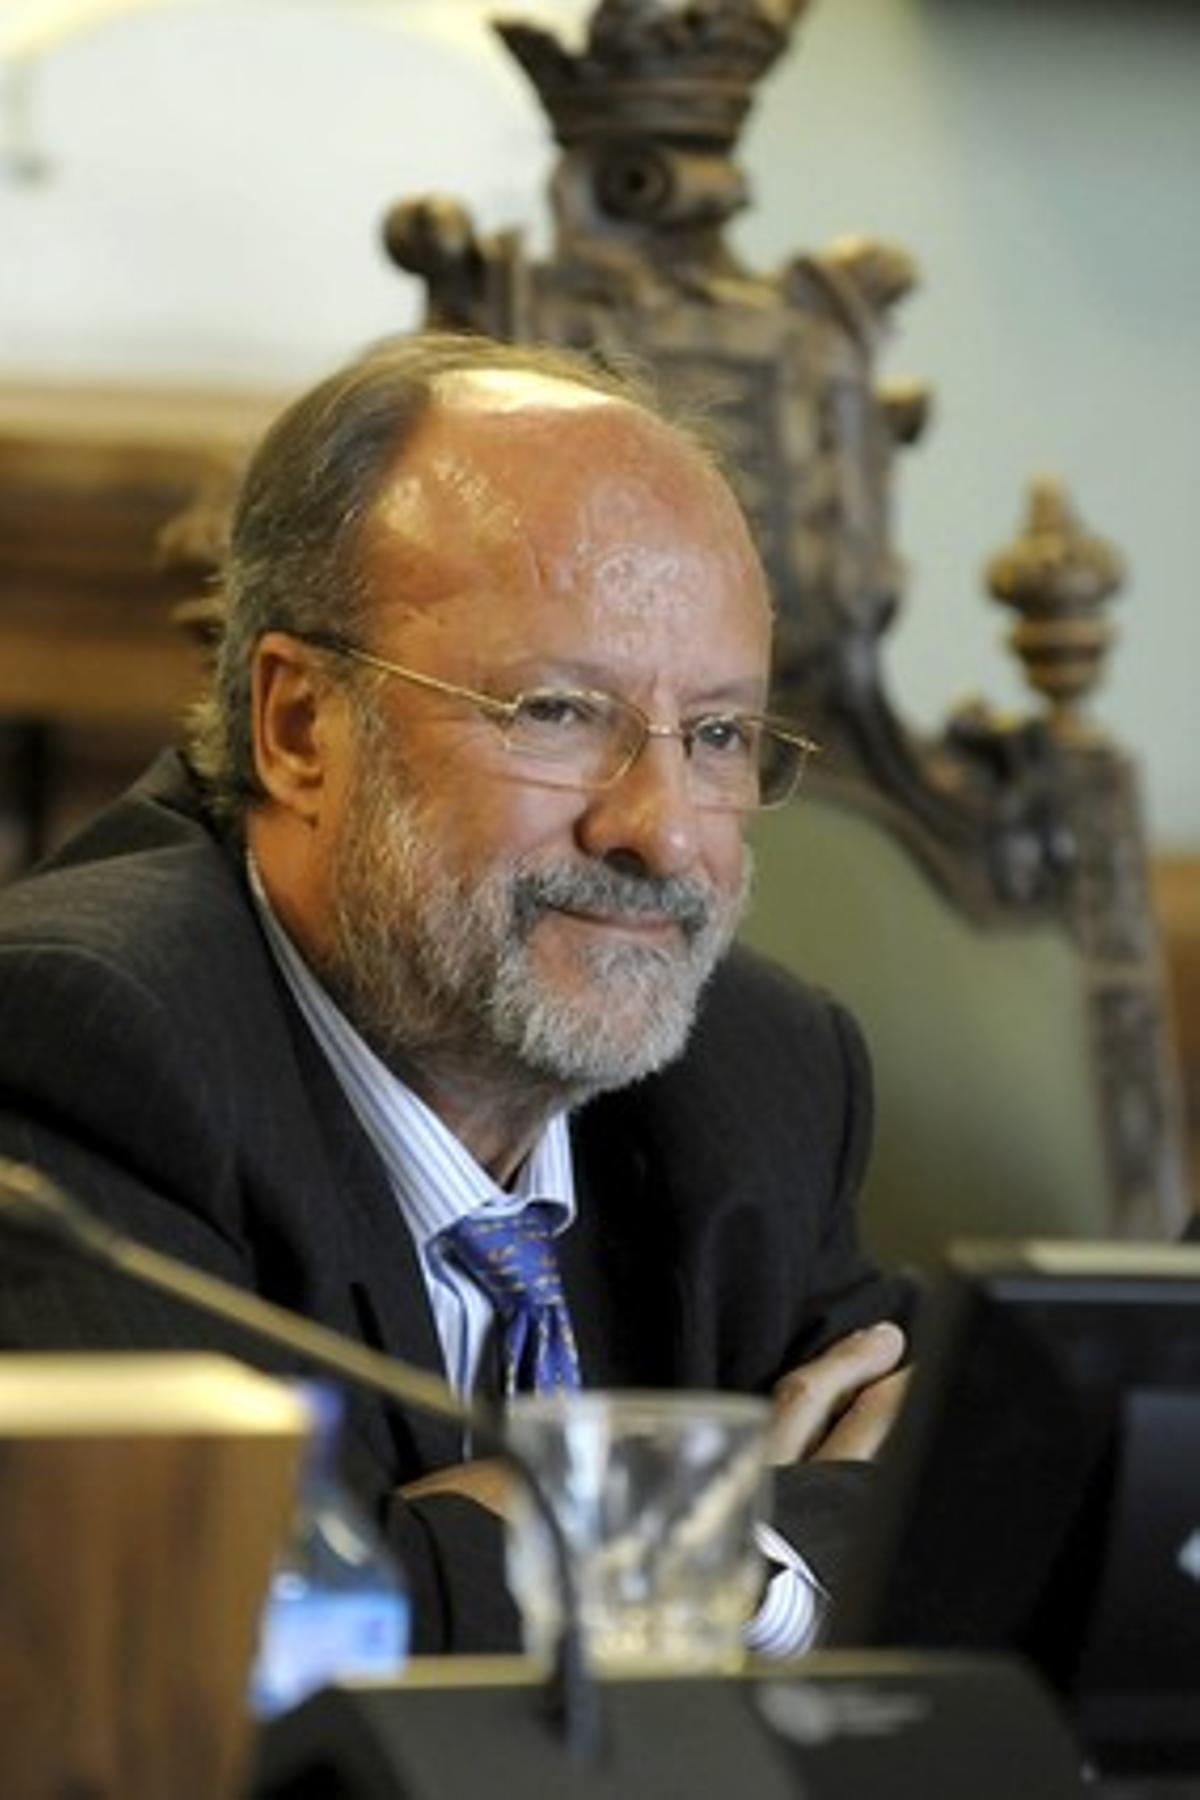 El alcalde de Valladolid, Javier León de la Riva, durante la celebración de un pleno.